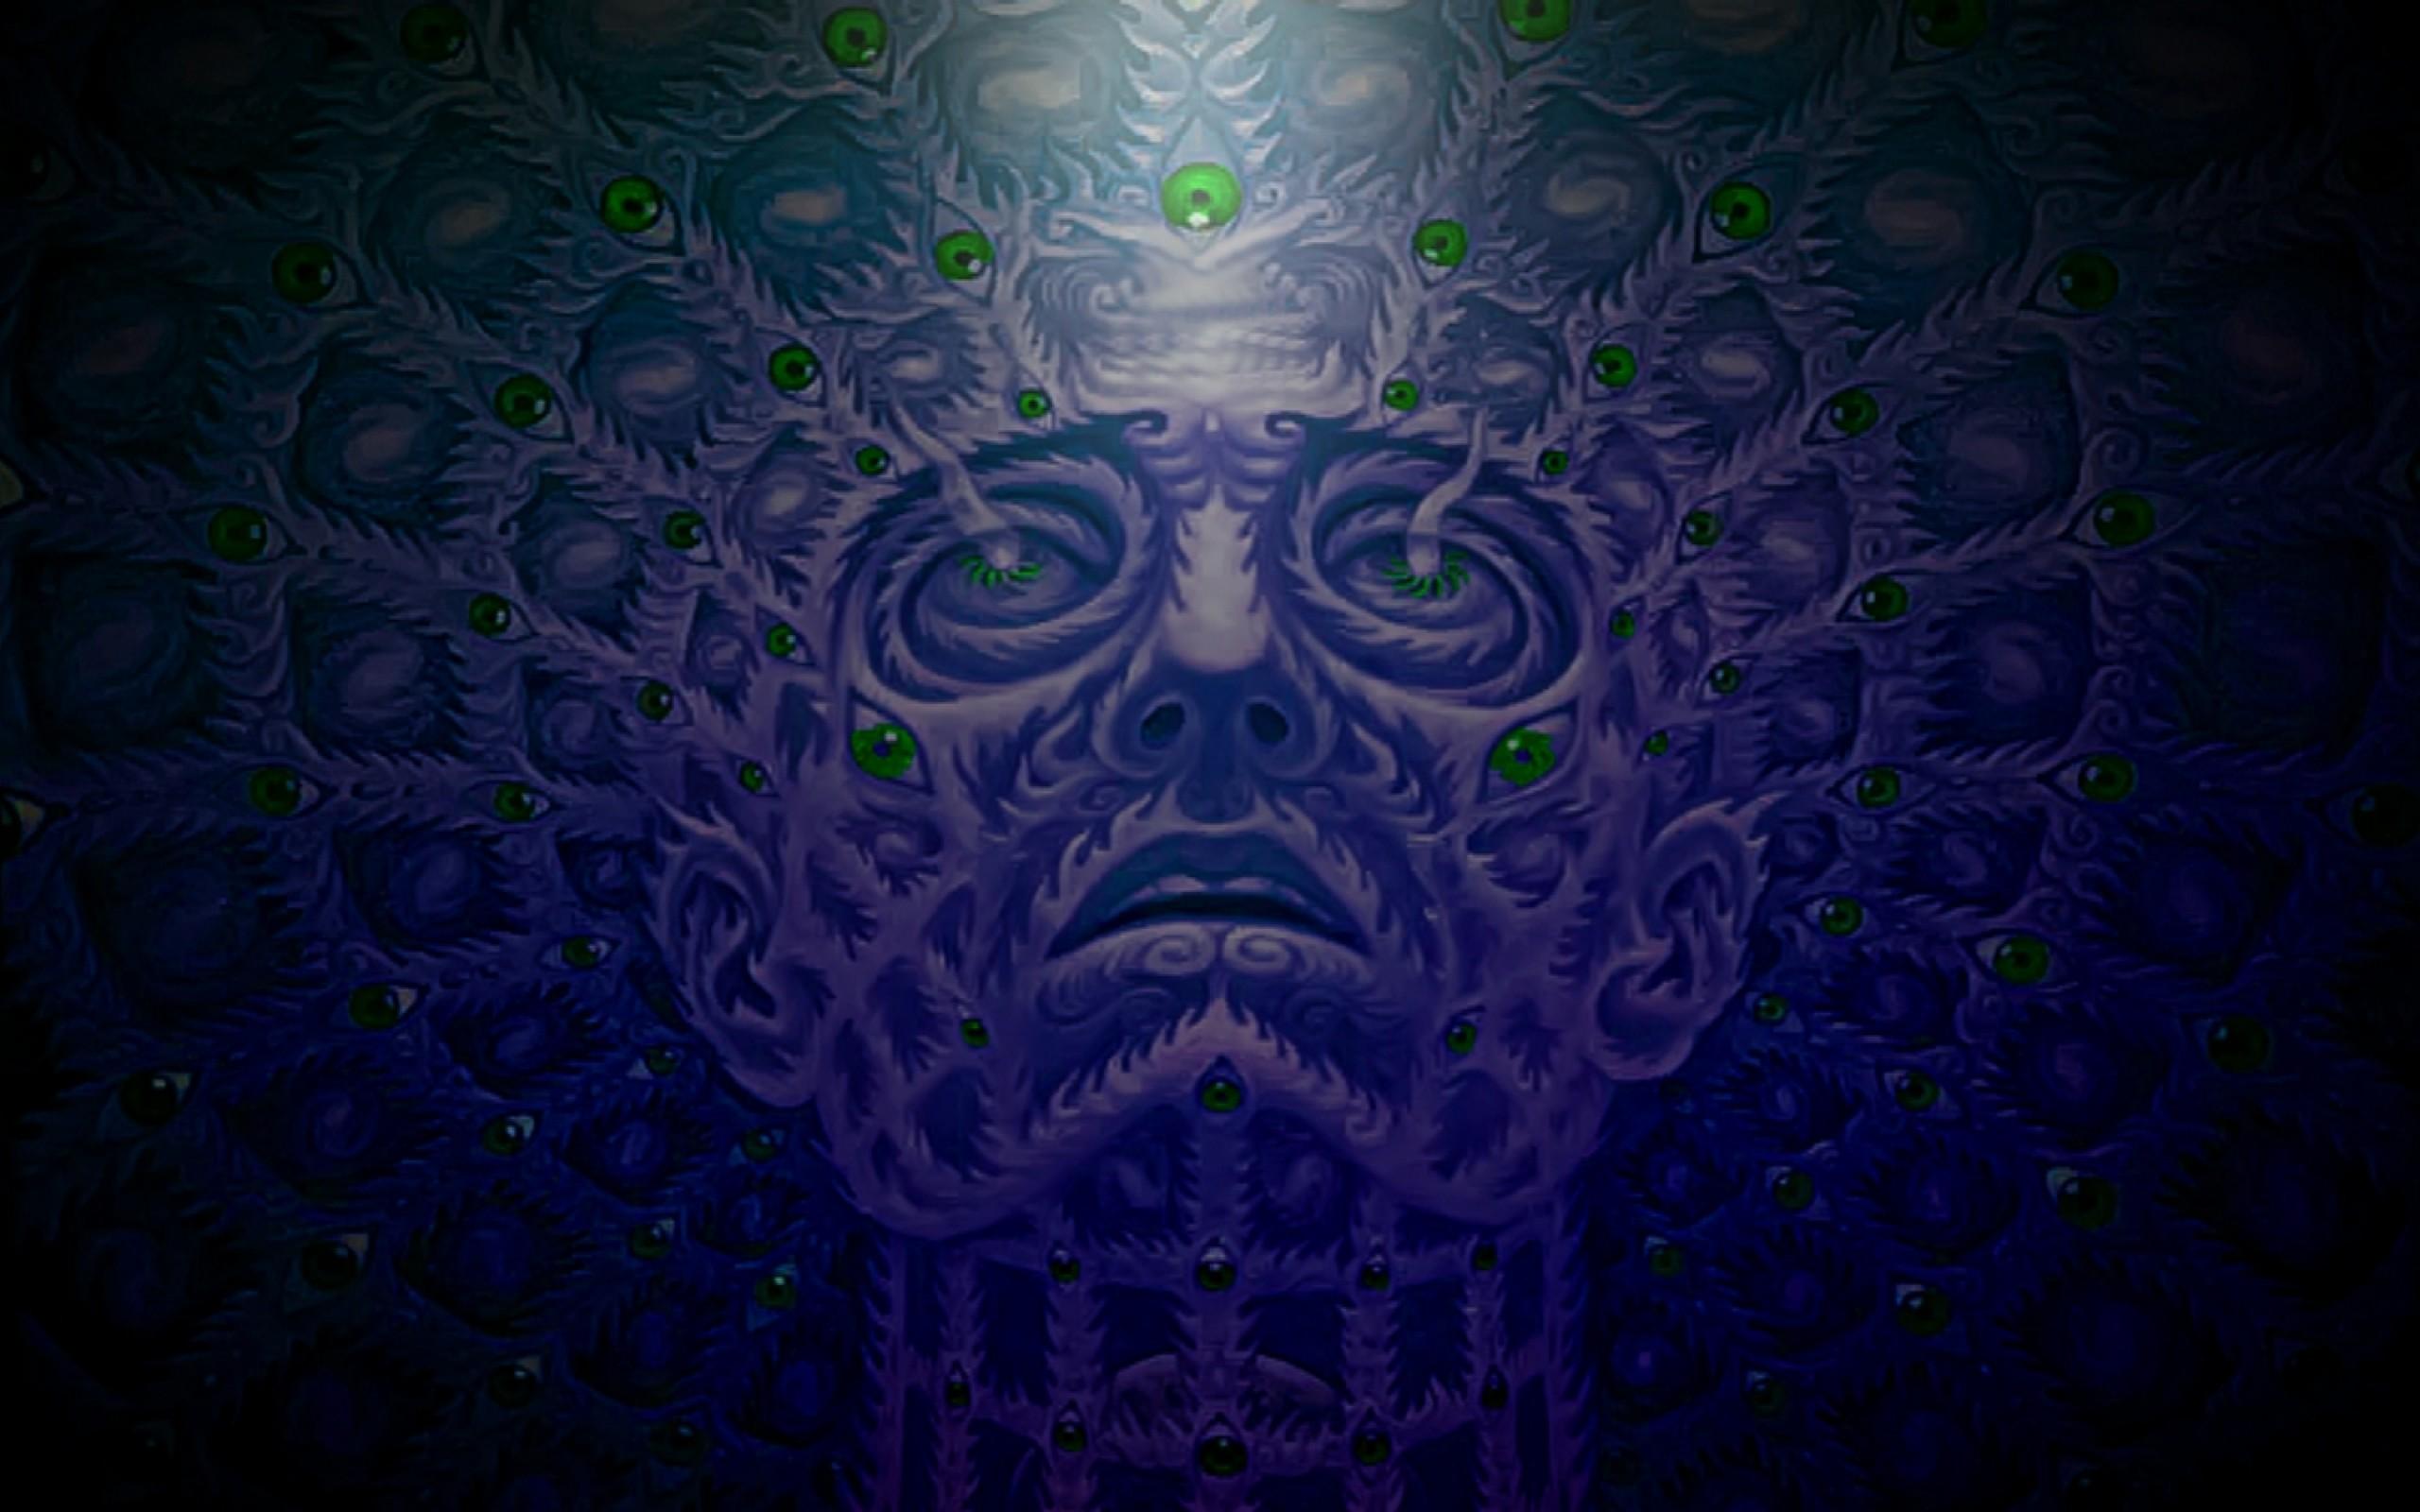 1440x900 Hd Wallpaper 38 Images